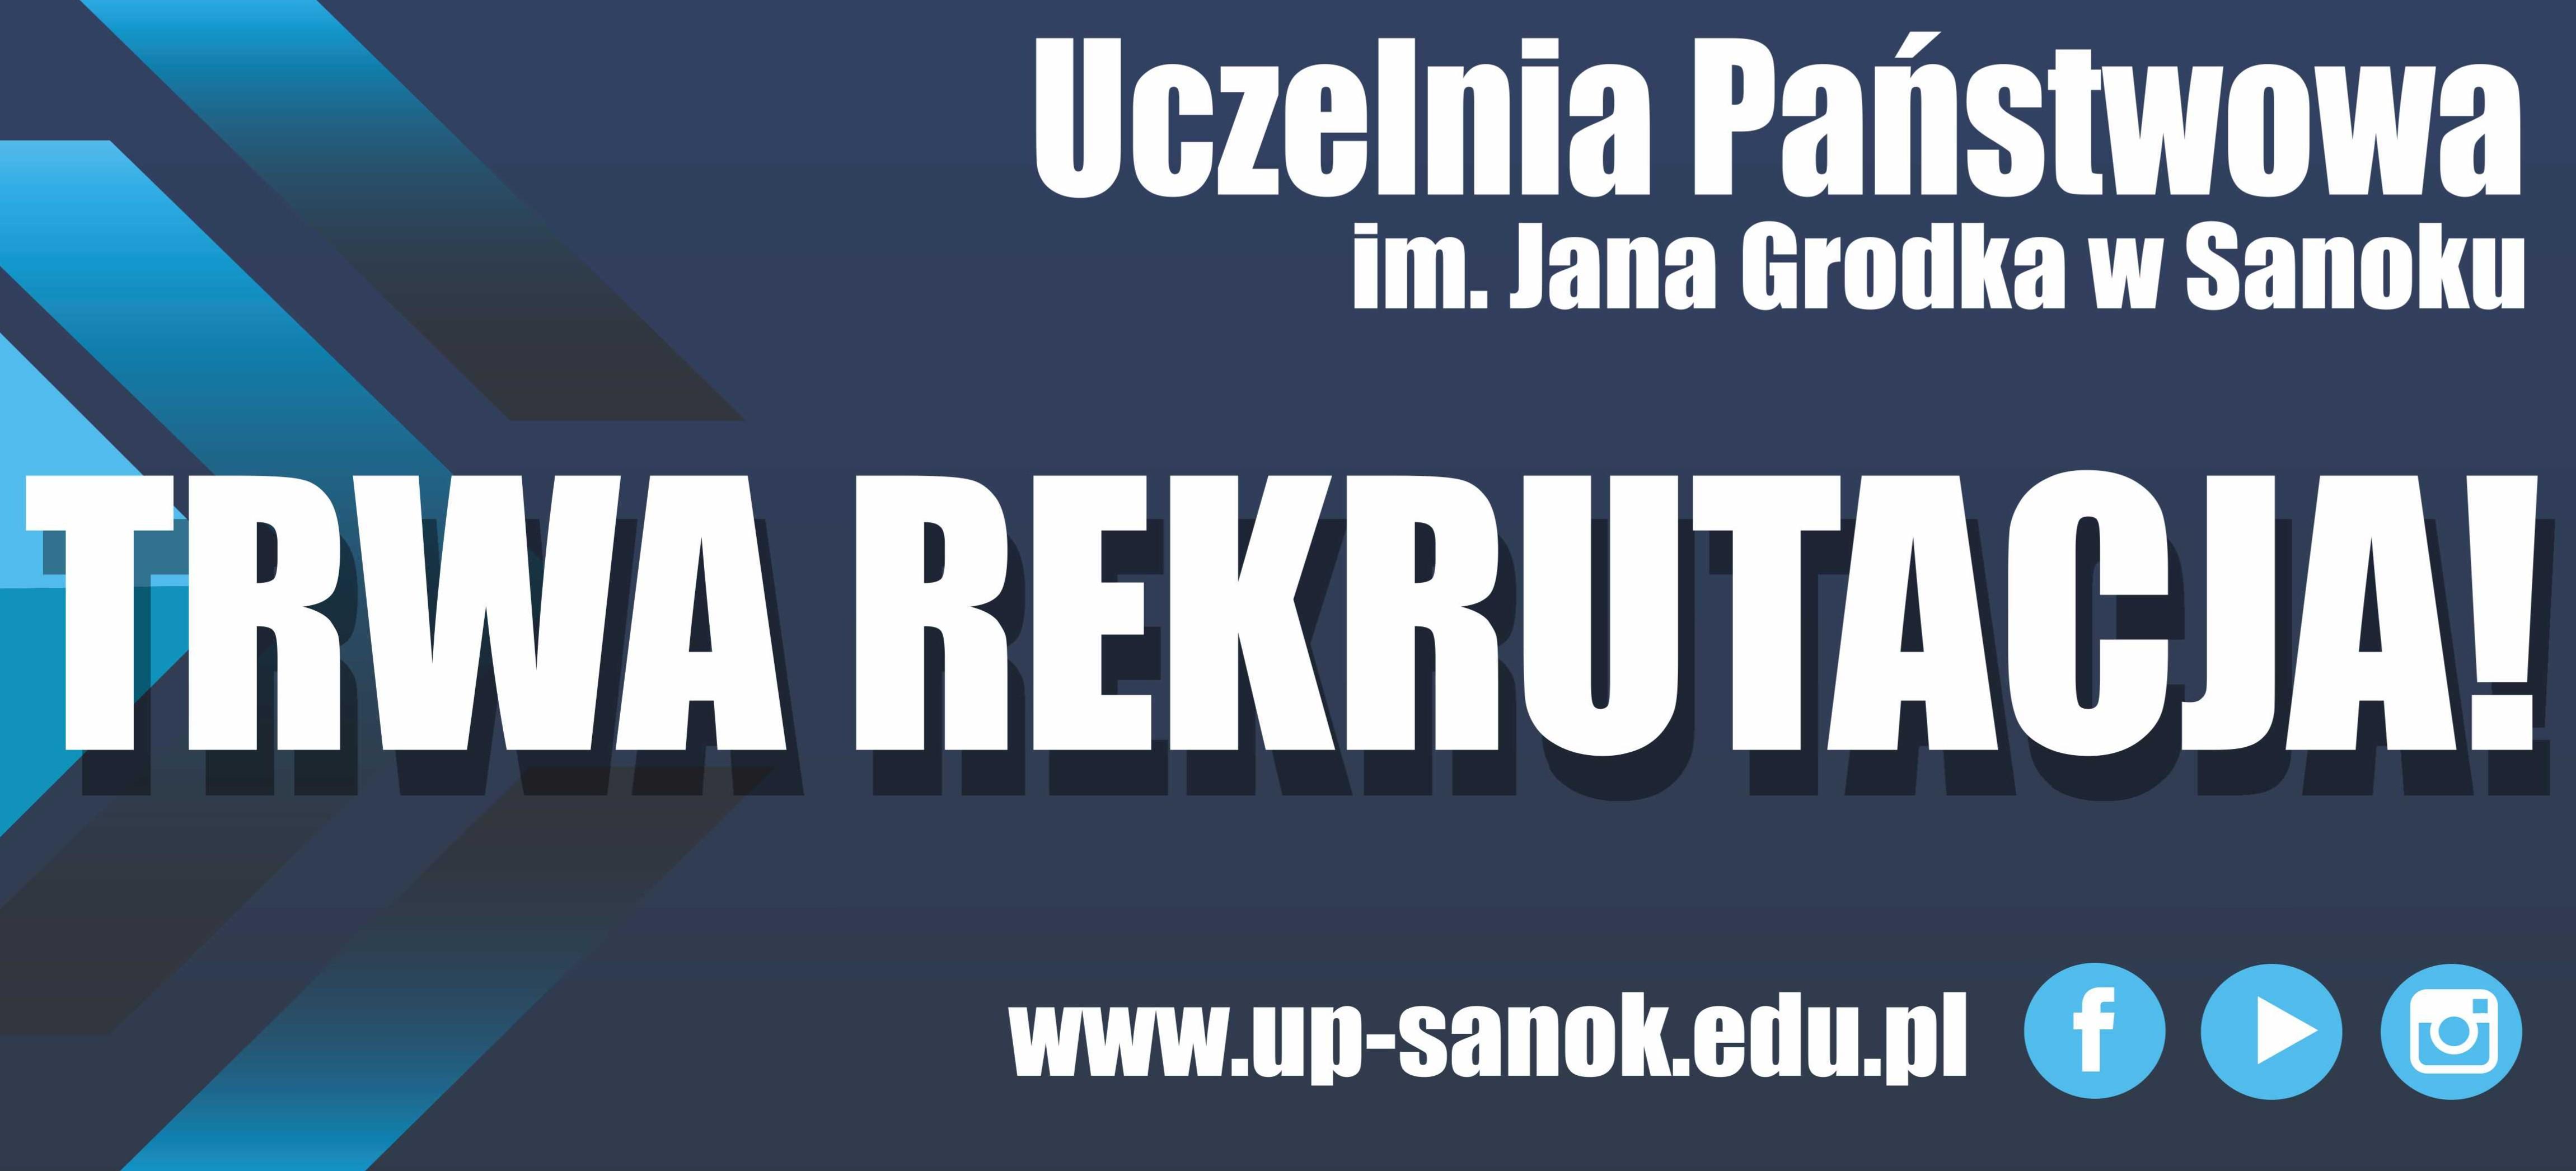 Rozpoczęła się rekrutacja w Uczelni Państwowej w Sanoku!